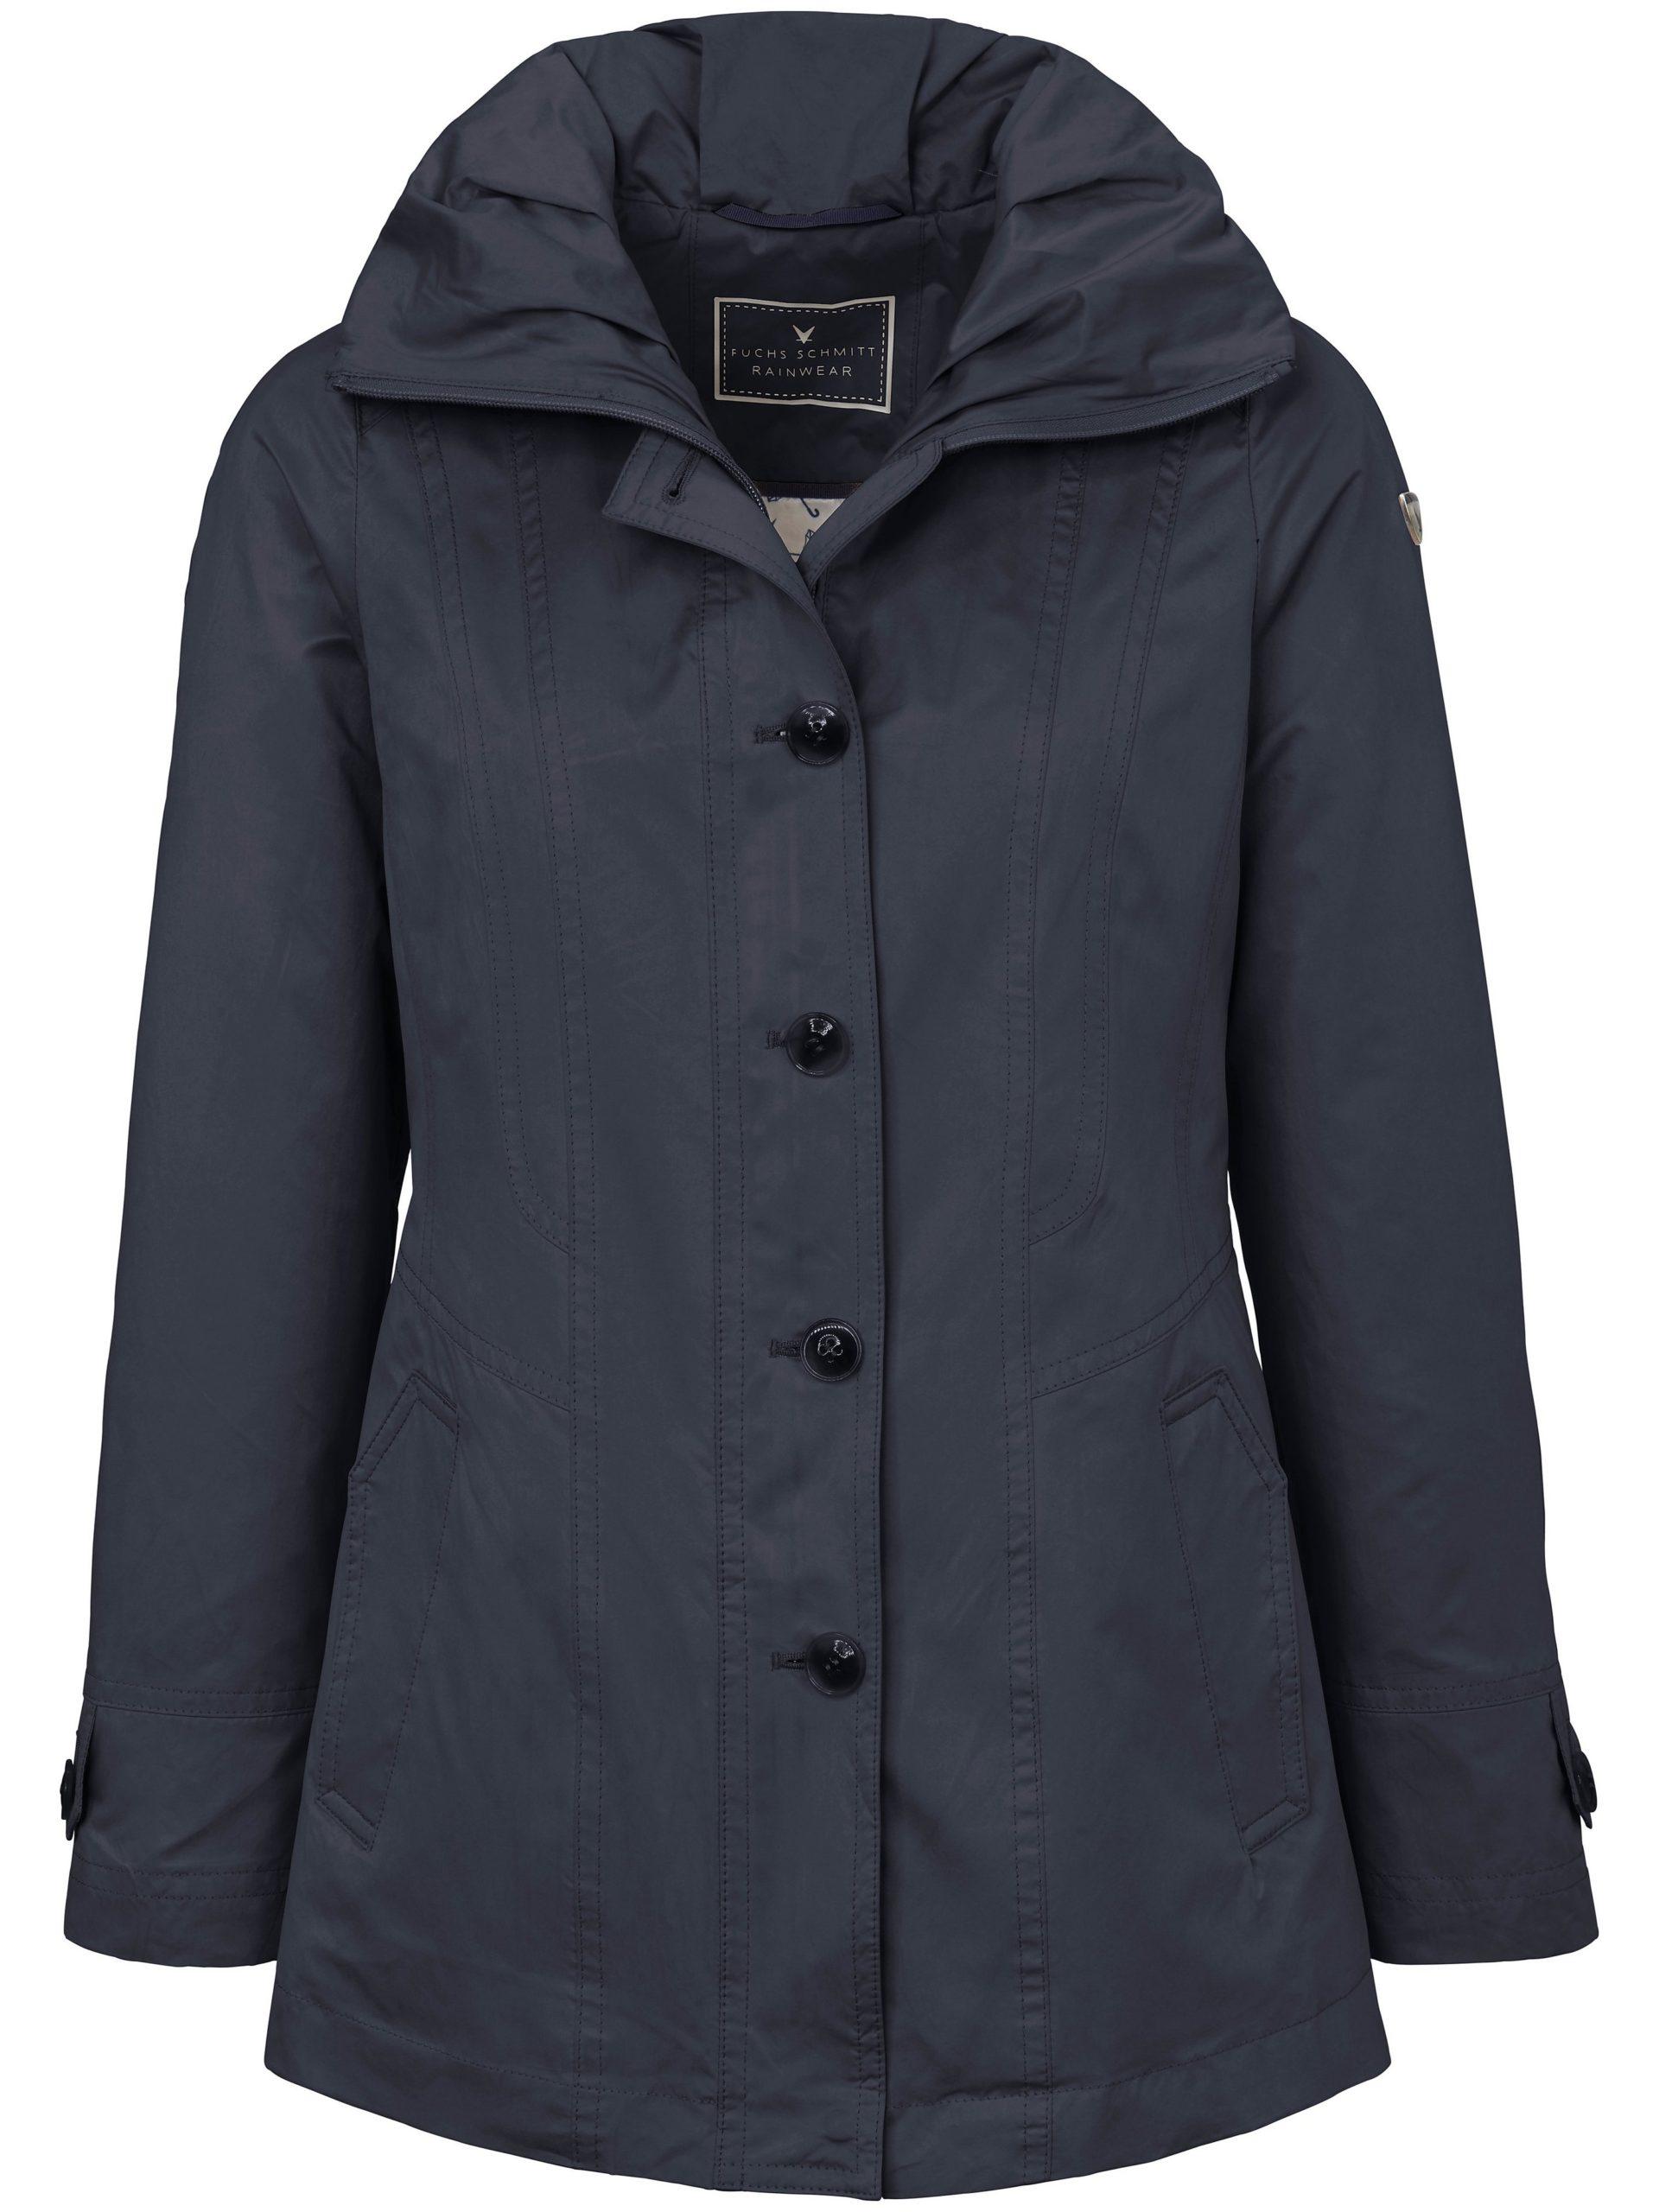 Rainwear-jas met staande kraag Van Fuchs & Schmitt blauw Kopen